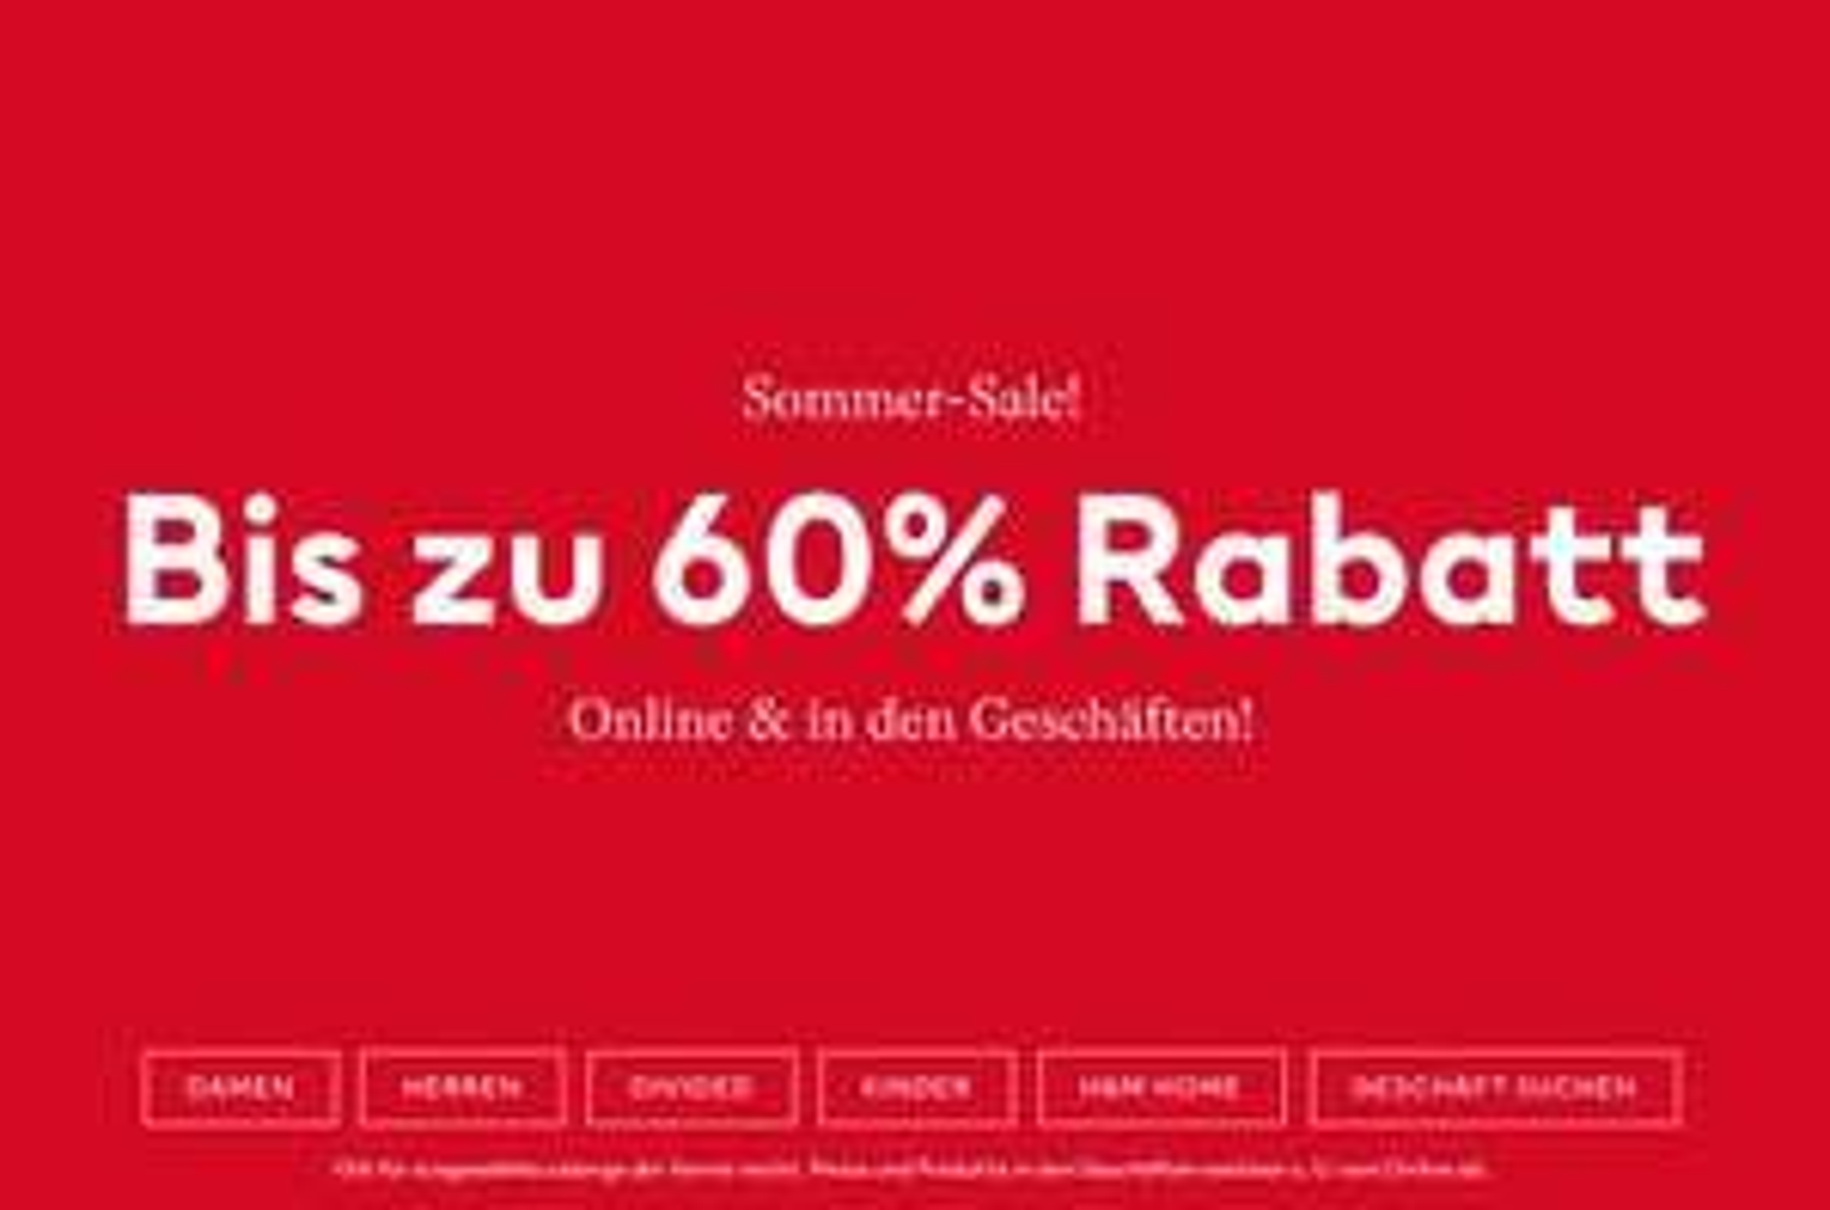 [H&M ONLINE] Sommer Sale bis zu 60% Rabatt (auch in den Geschäften)